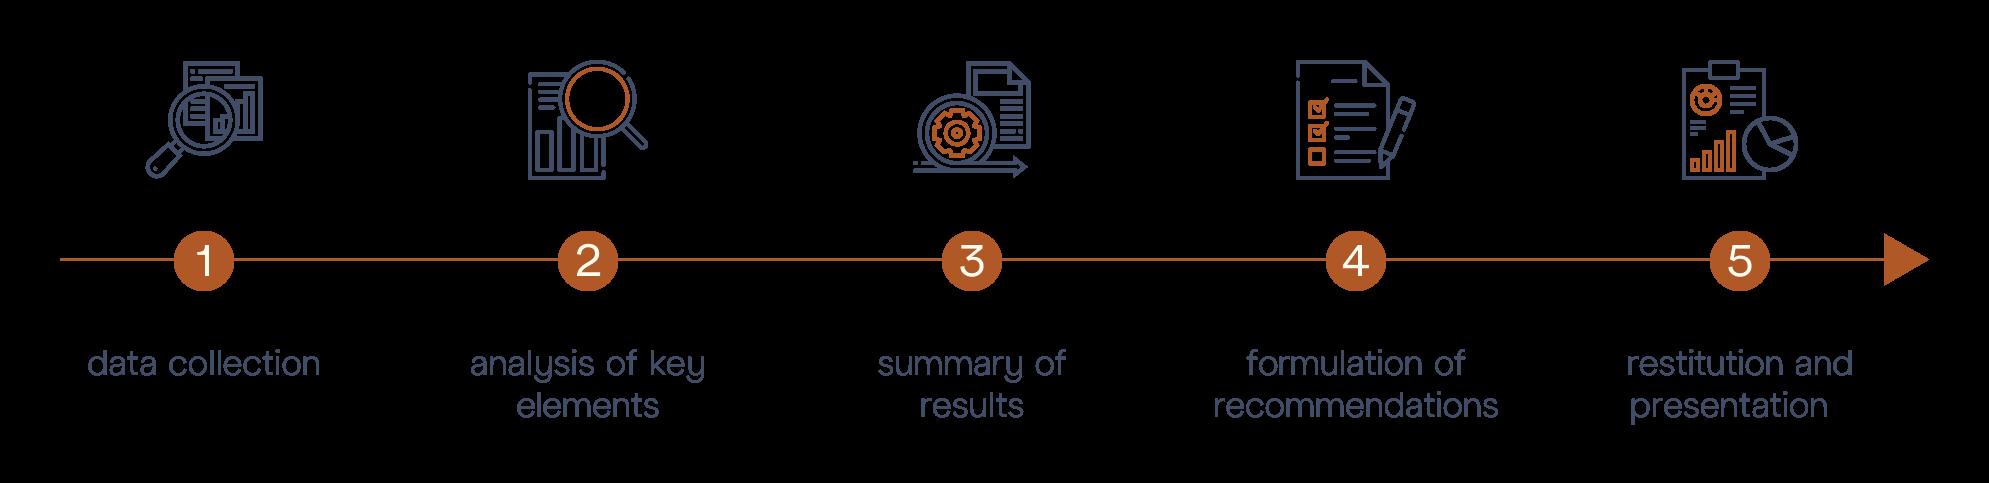 M&BD © Digital Audit - Diagram Steps